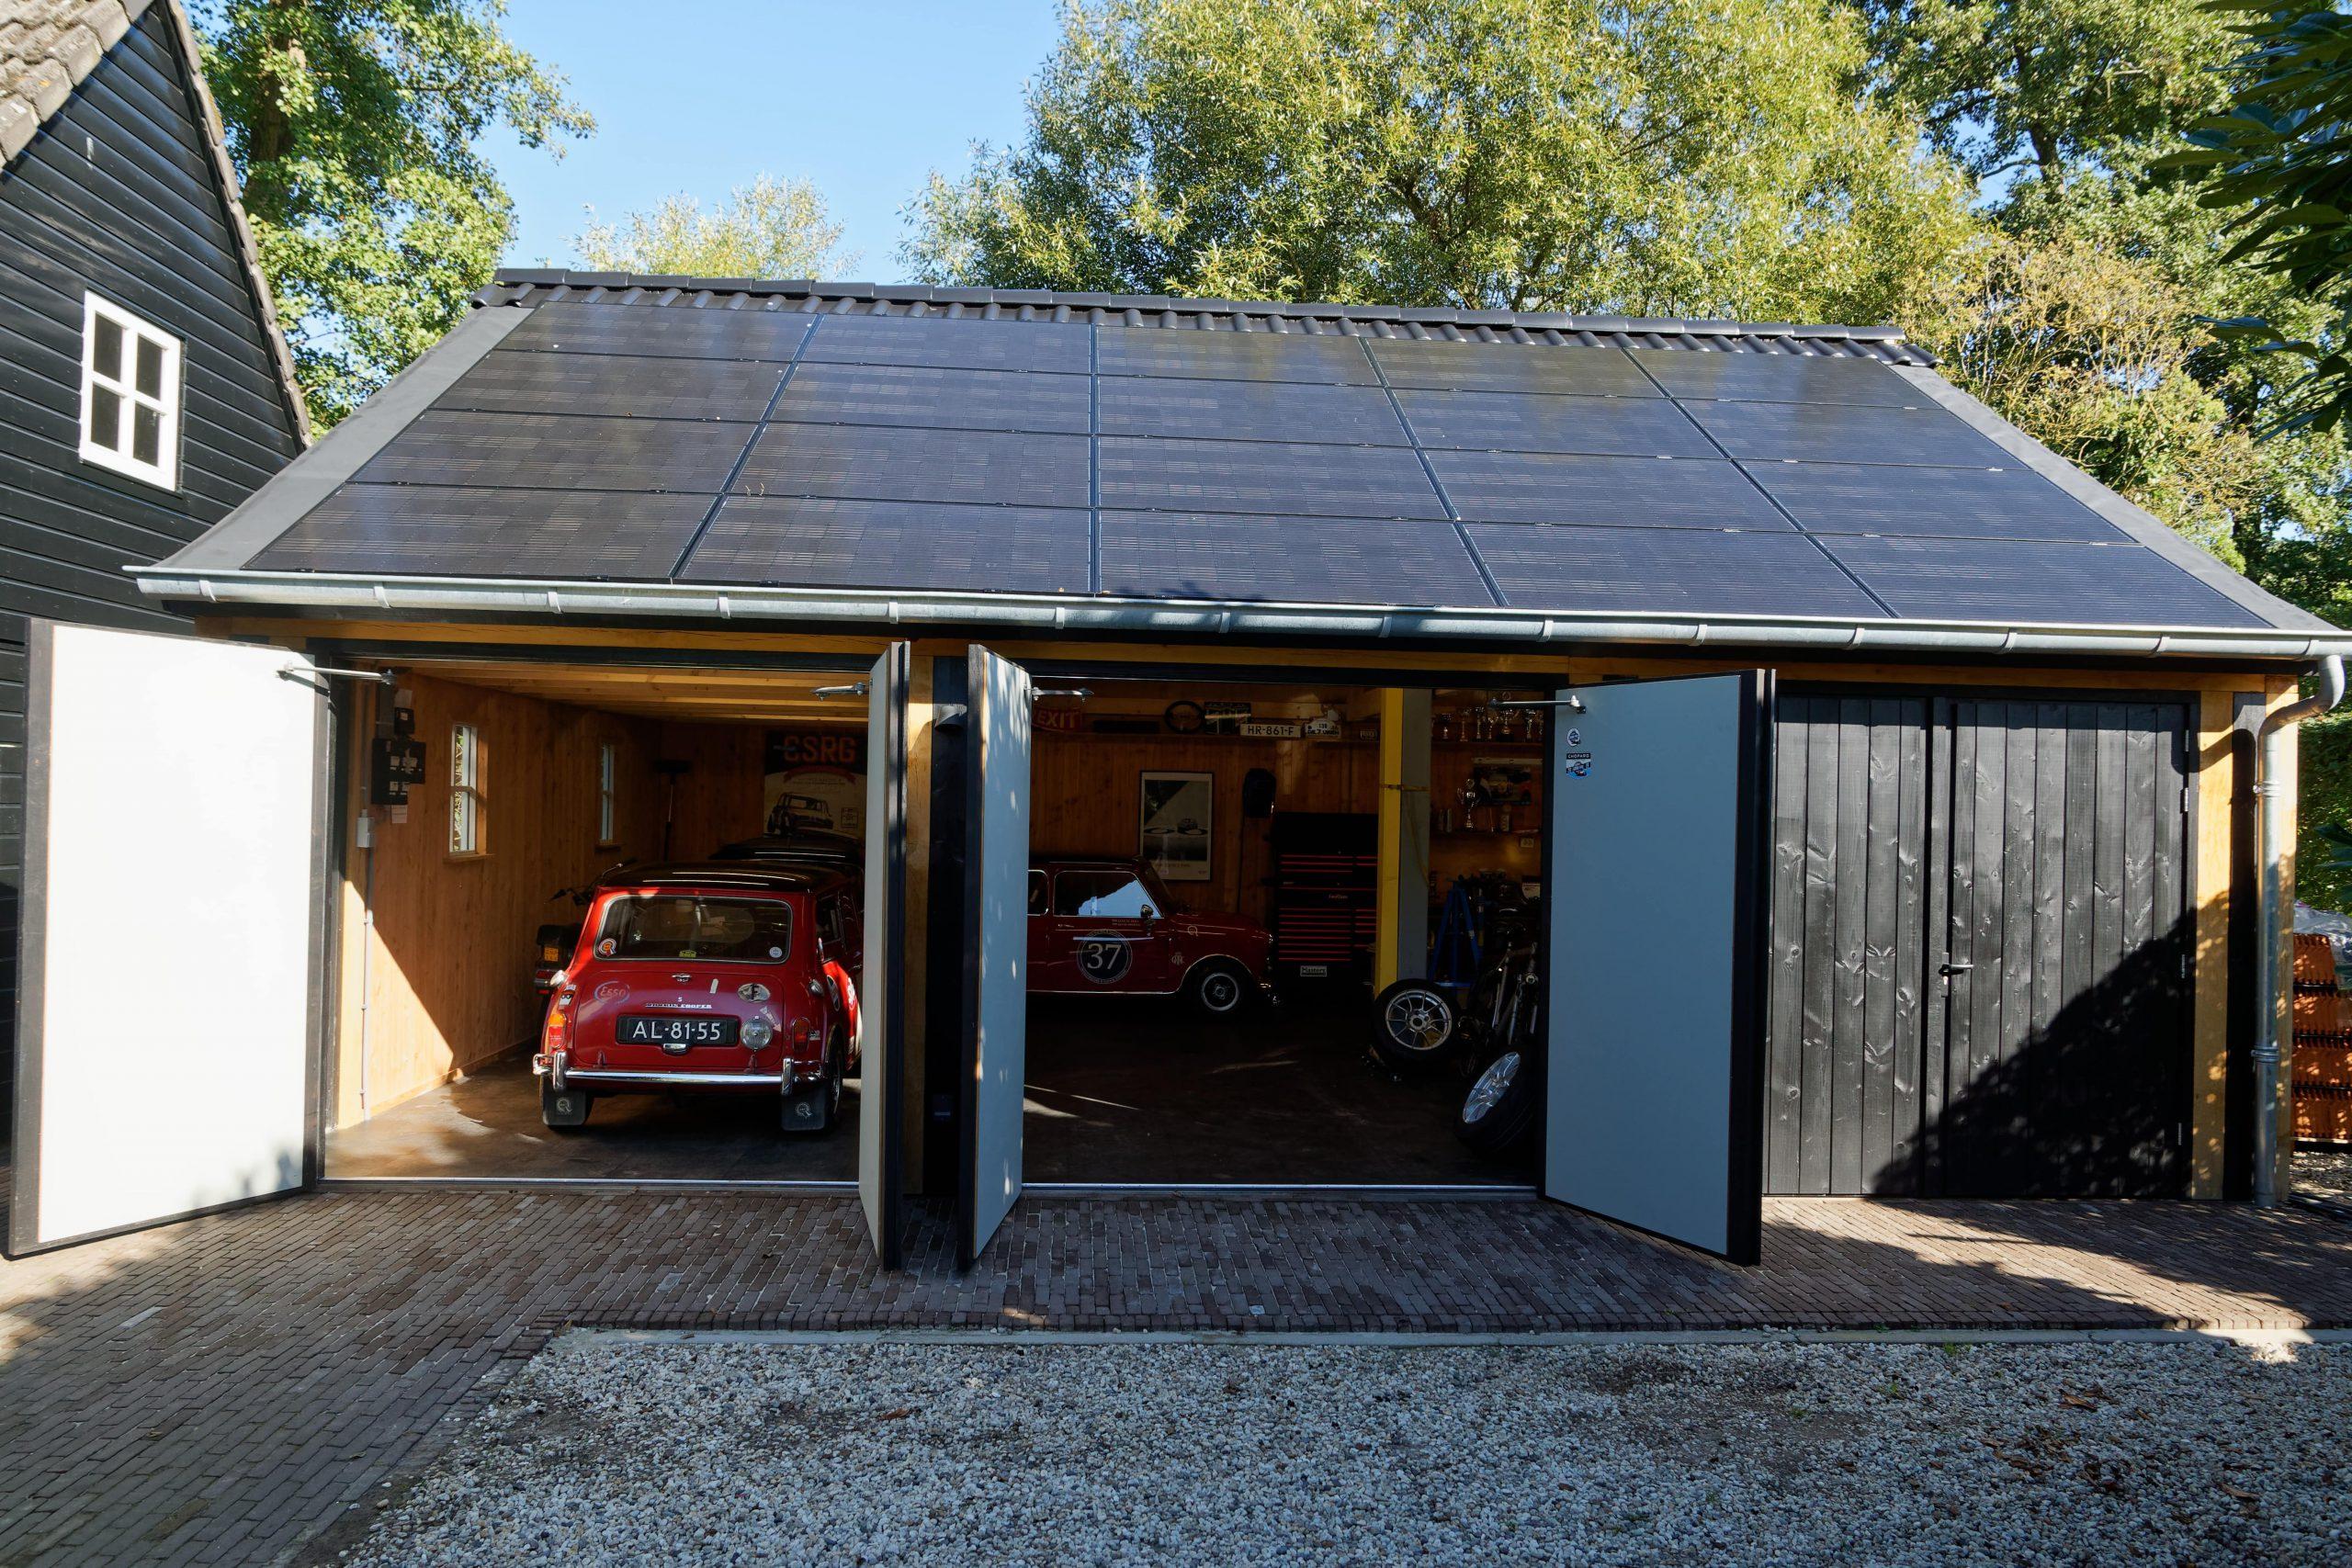 houten-garage-met-zonnepanelen-8-scaled -